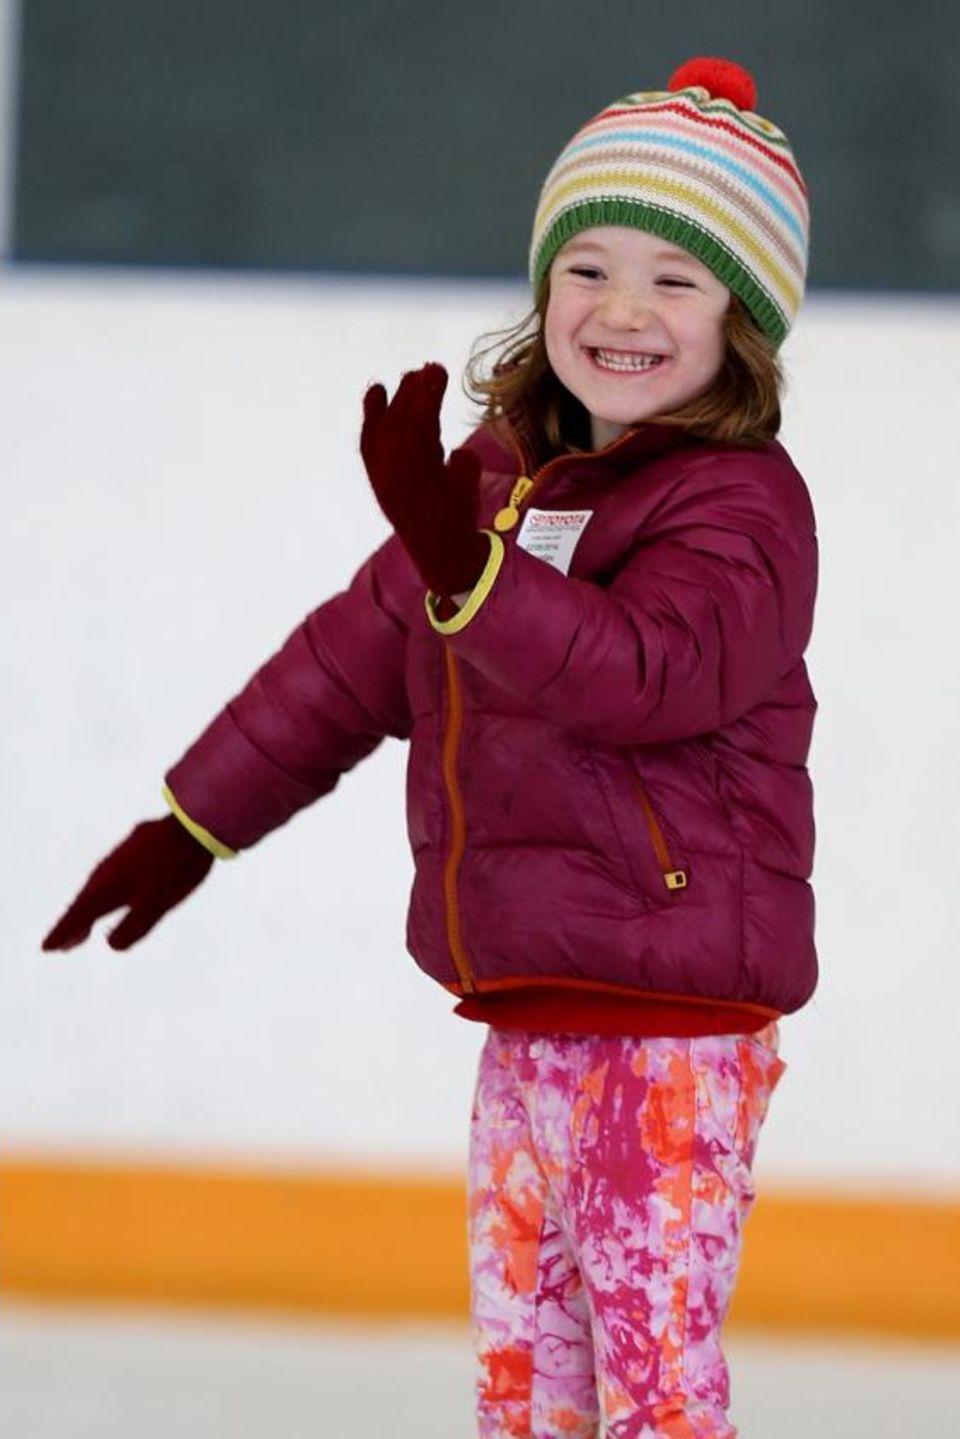 Alyson Hannigan sieht ihrer Tochter Satyana beim Schlittschuhlaufen zu und feuert sie an.